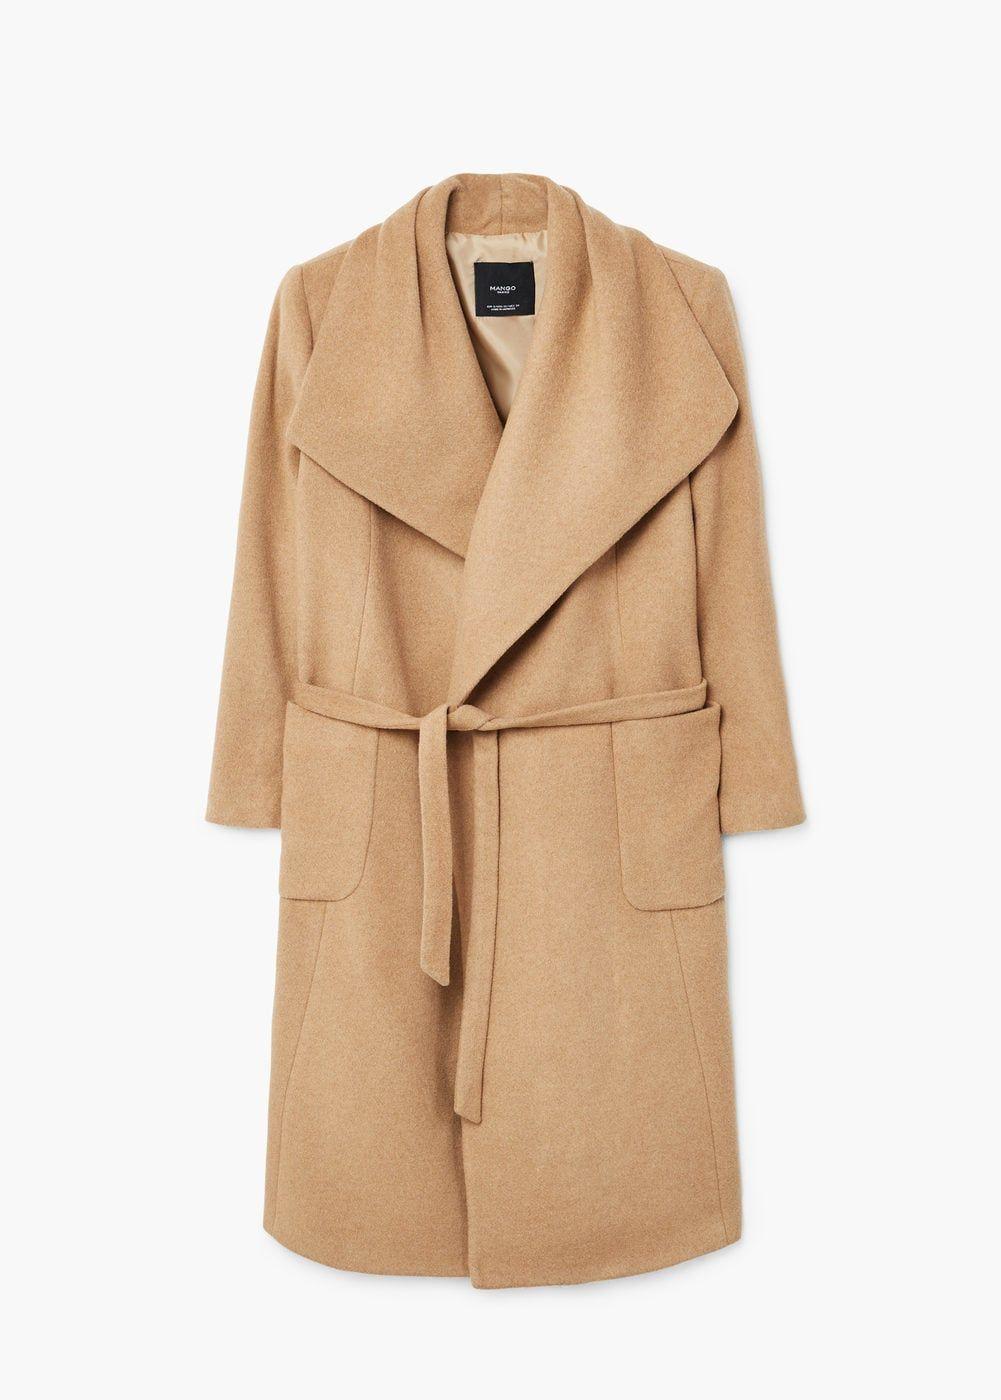 Abrigo lana cinturón Mango 120€ fa3b40ff1ba3